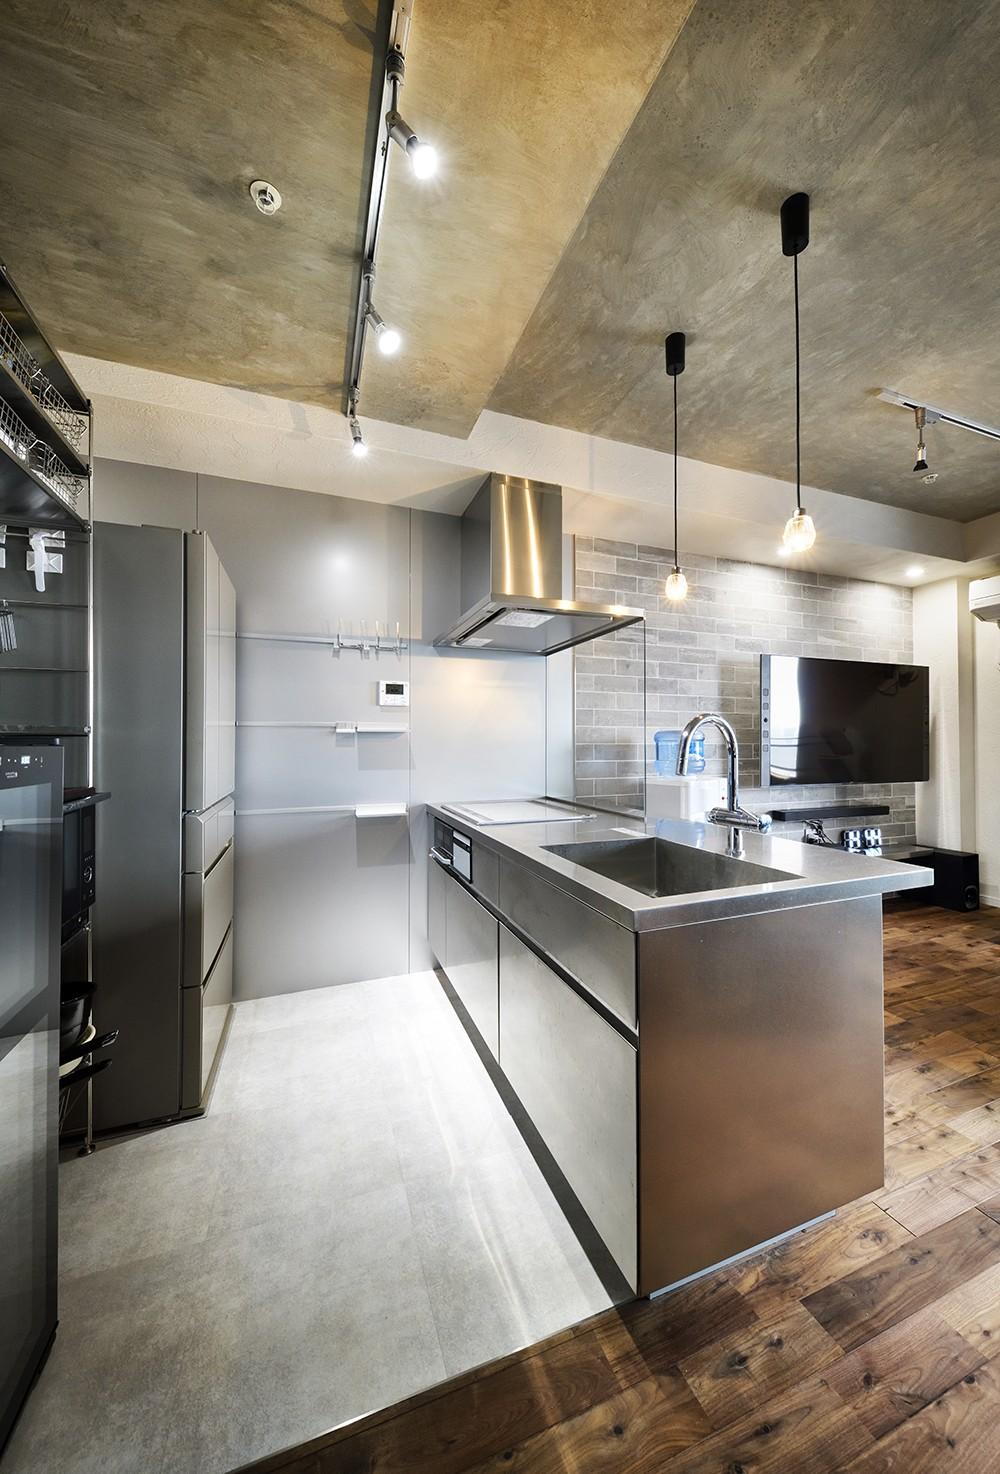 コンパクト&スタイリッシュ 都市型リノベーション (ステンレスでクールなキッチン)